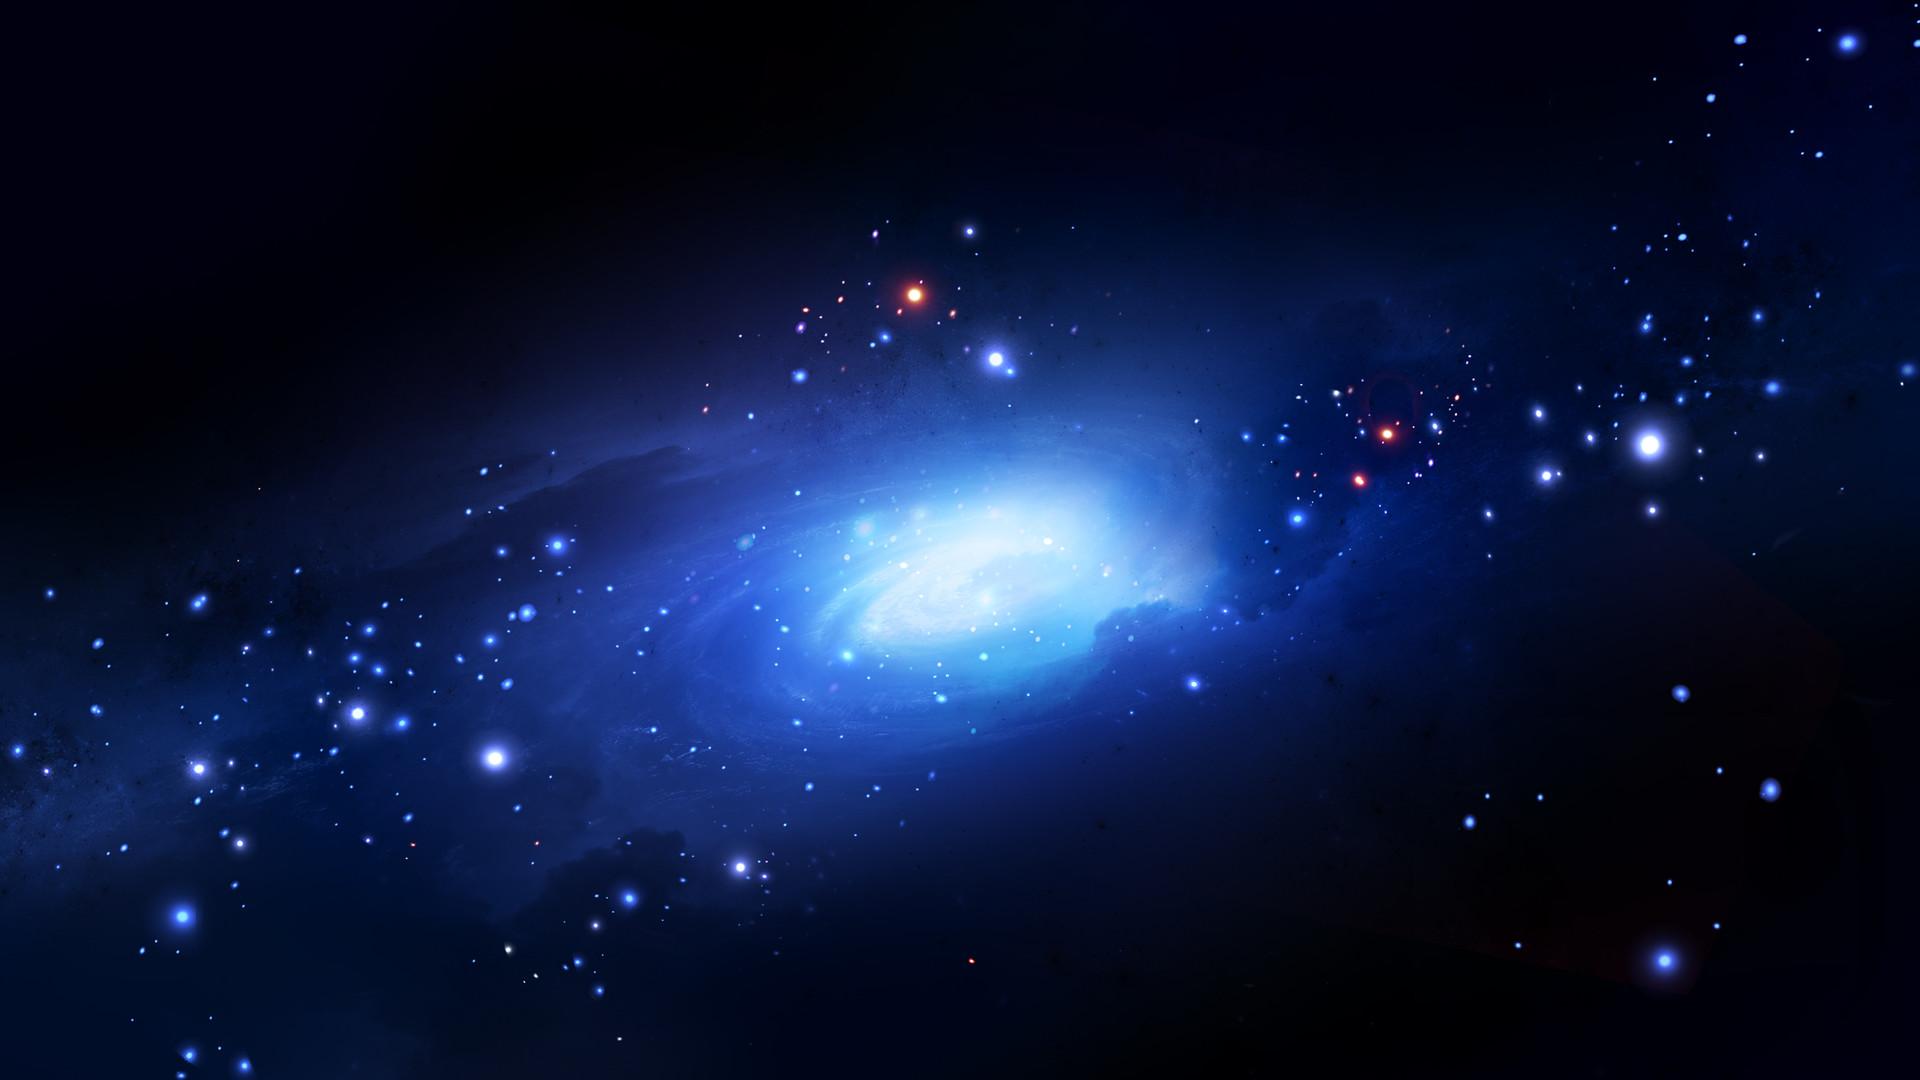 Nadezhda Matina Ghost Nebula Texture Pack